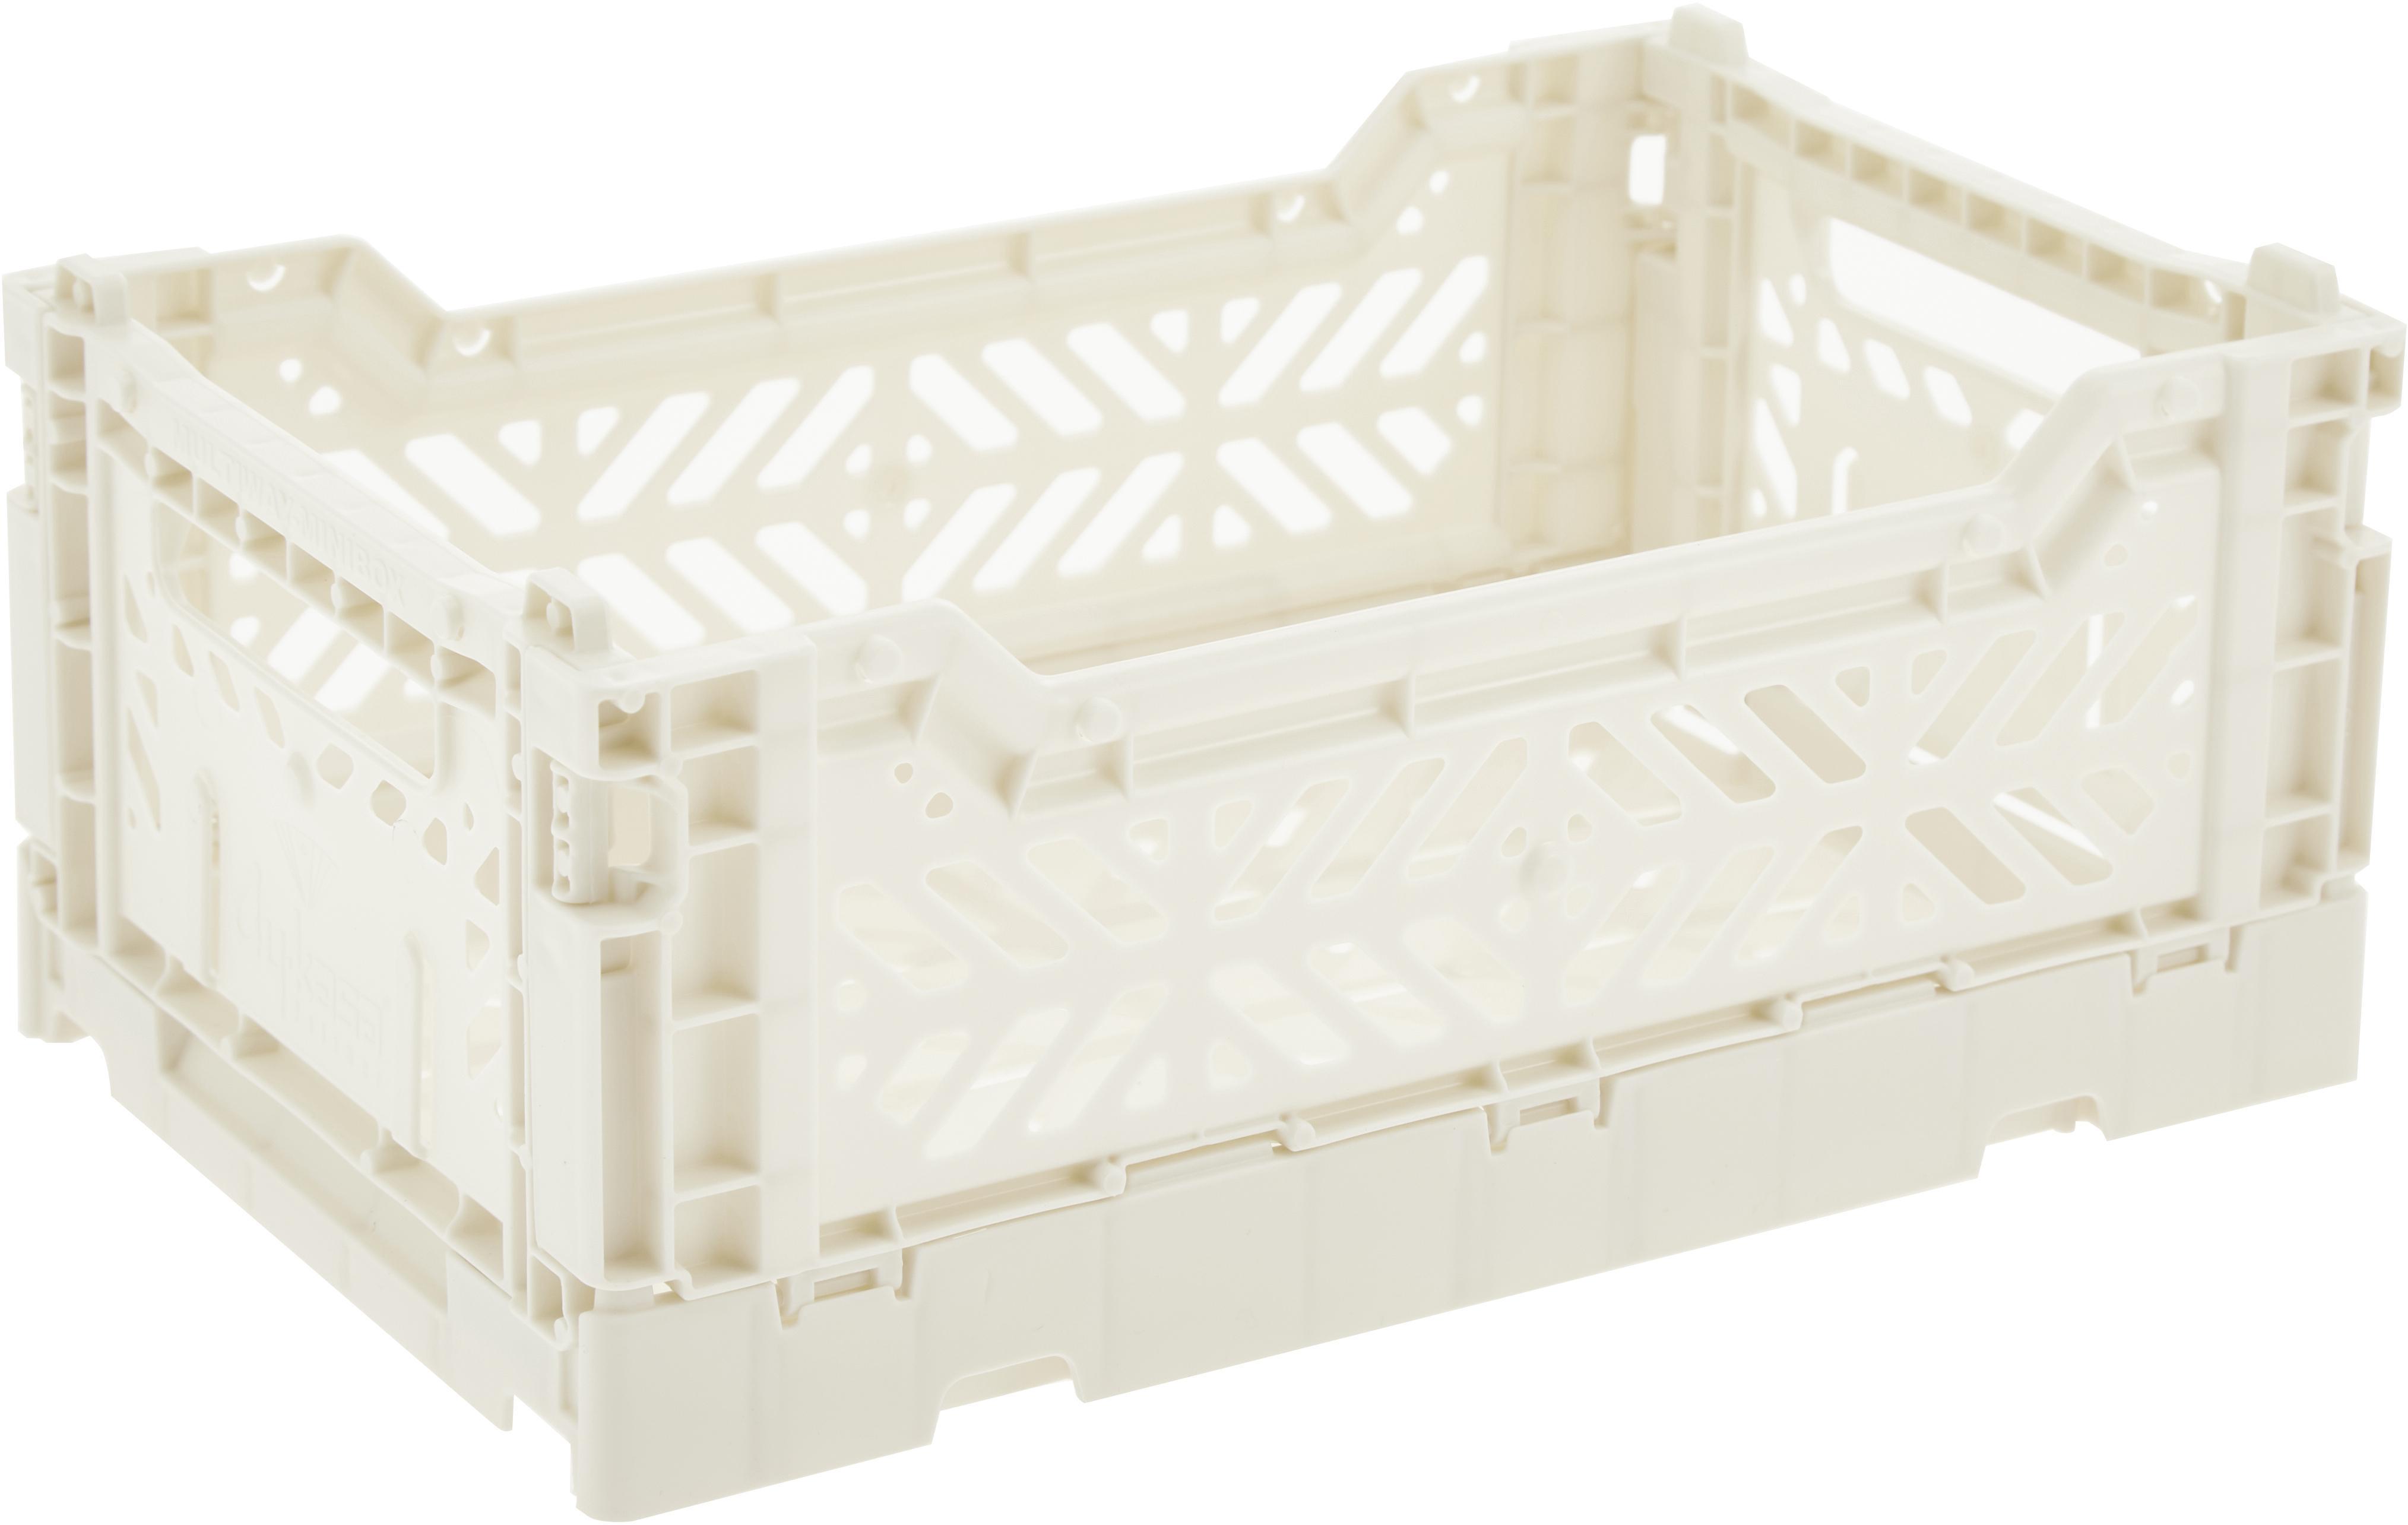 Caja pegable apilable Coconut Milk, pequeña, Plástico reciclado, Blanco roto, An 27 x Al 11 cm